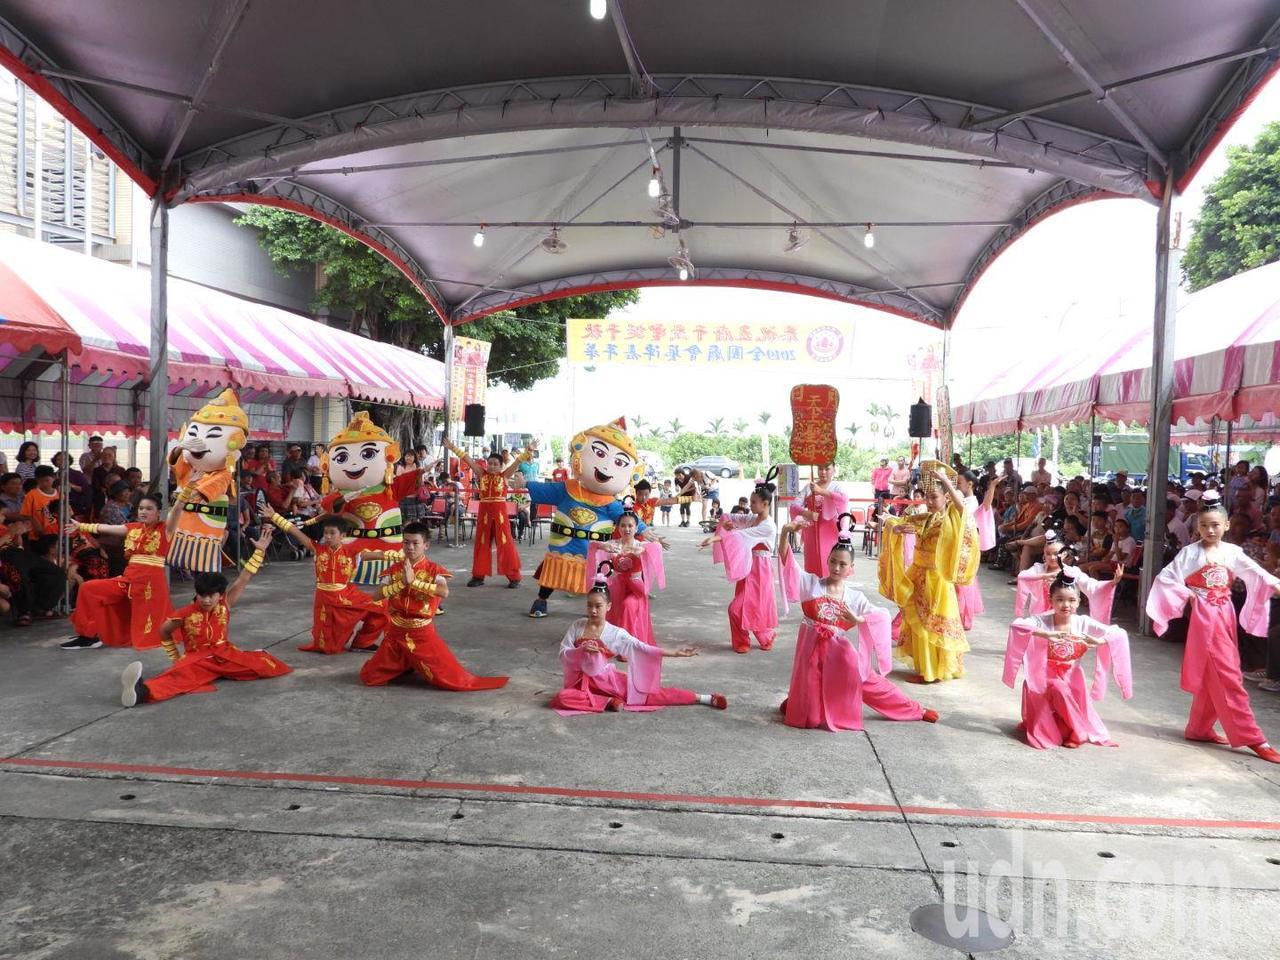 第一代天府真護宮舉辦全國廟會藝陣嘉年華,兒童藝陣演出精彩。記者周宗禎/攝影